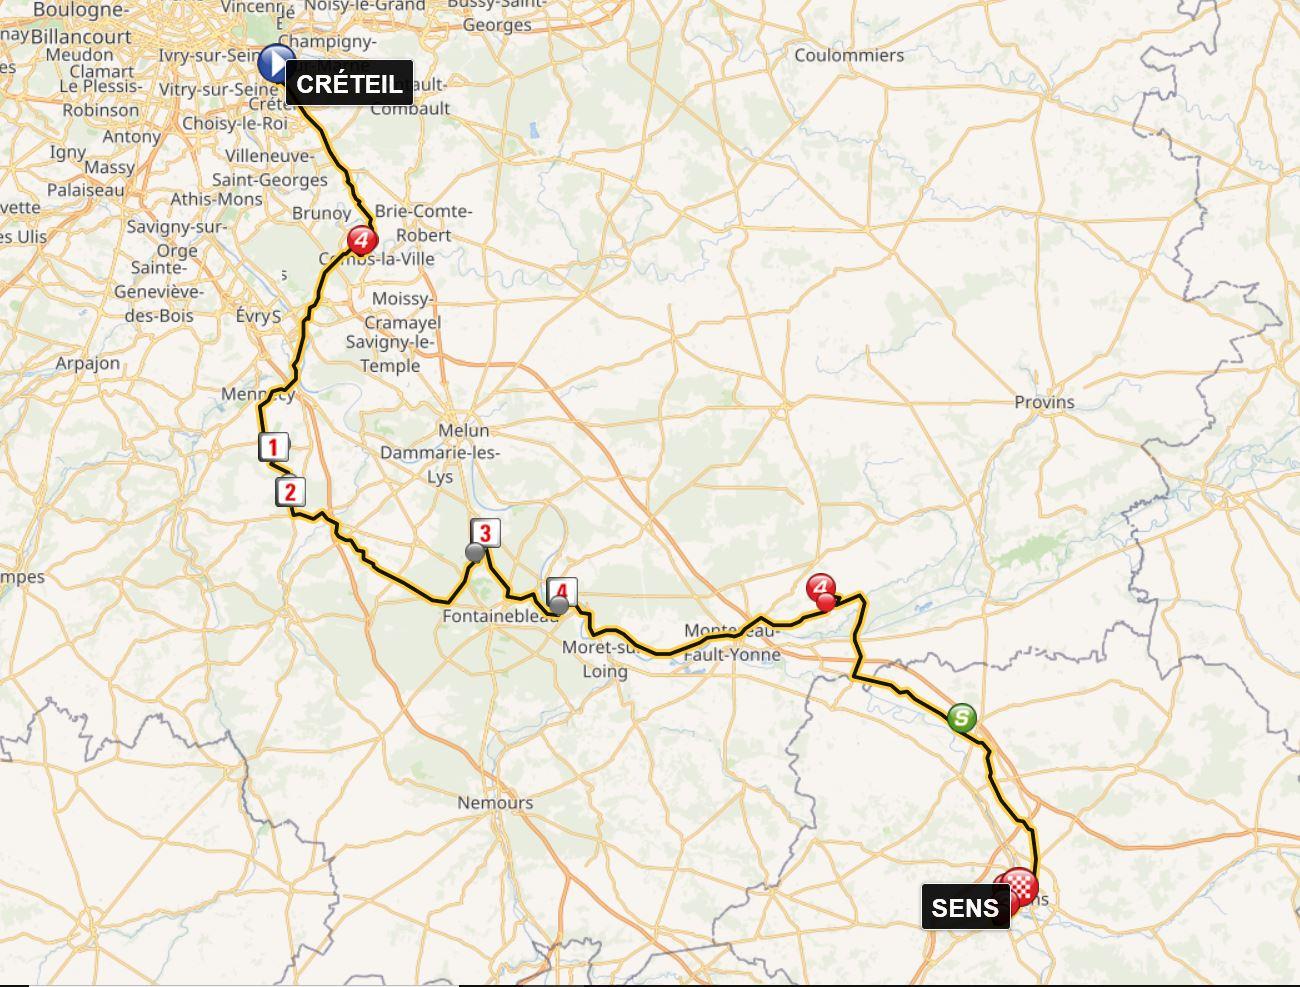 [Concours] Tracer le Paris-Nice 2020 190212062841824630